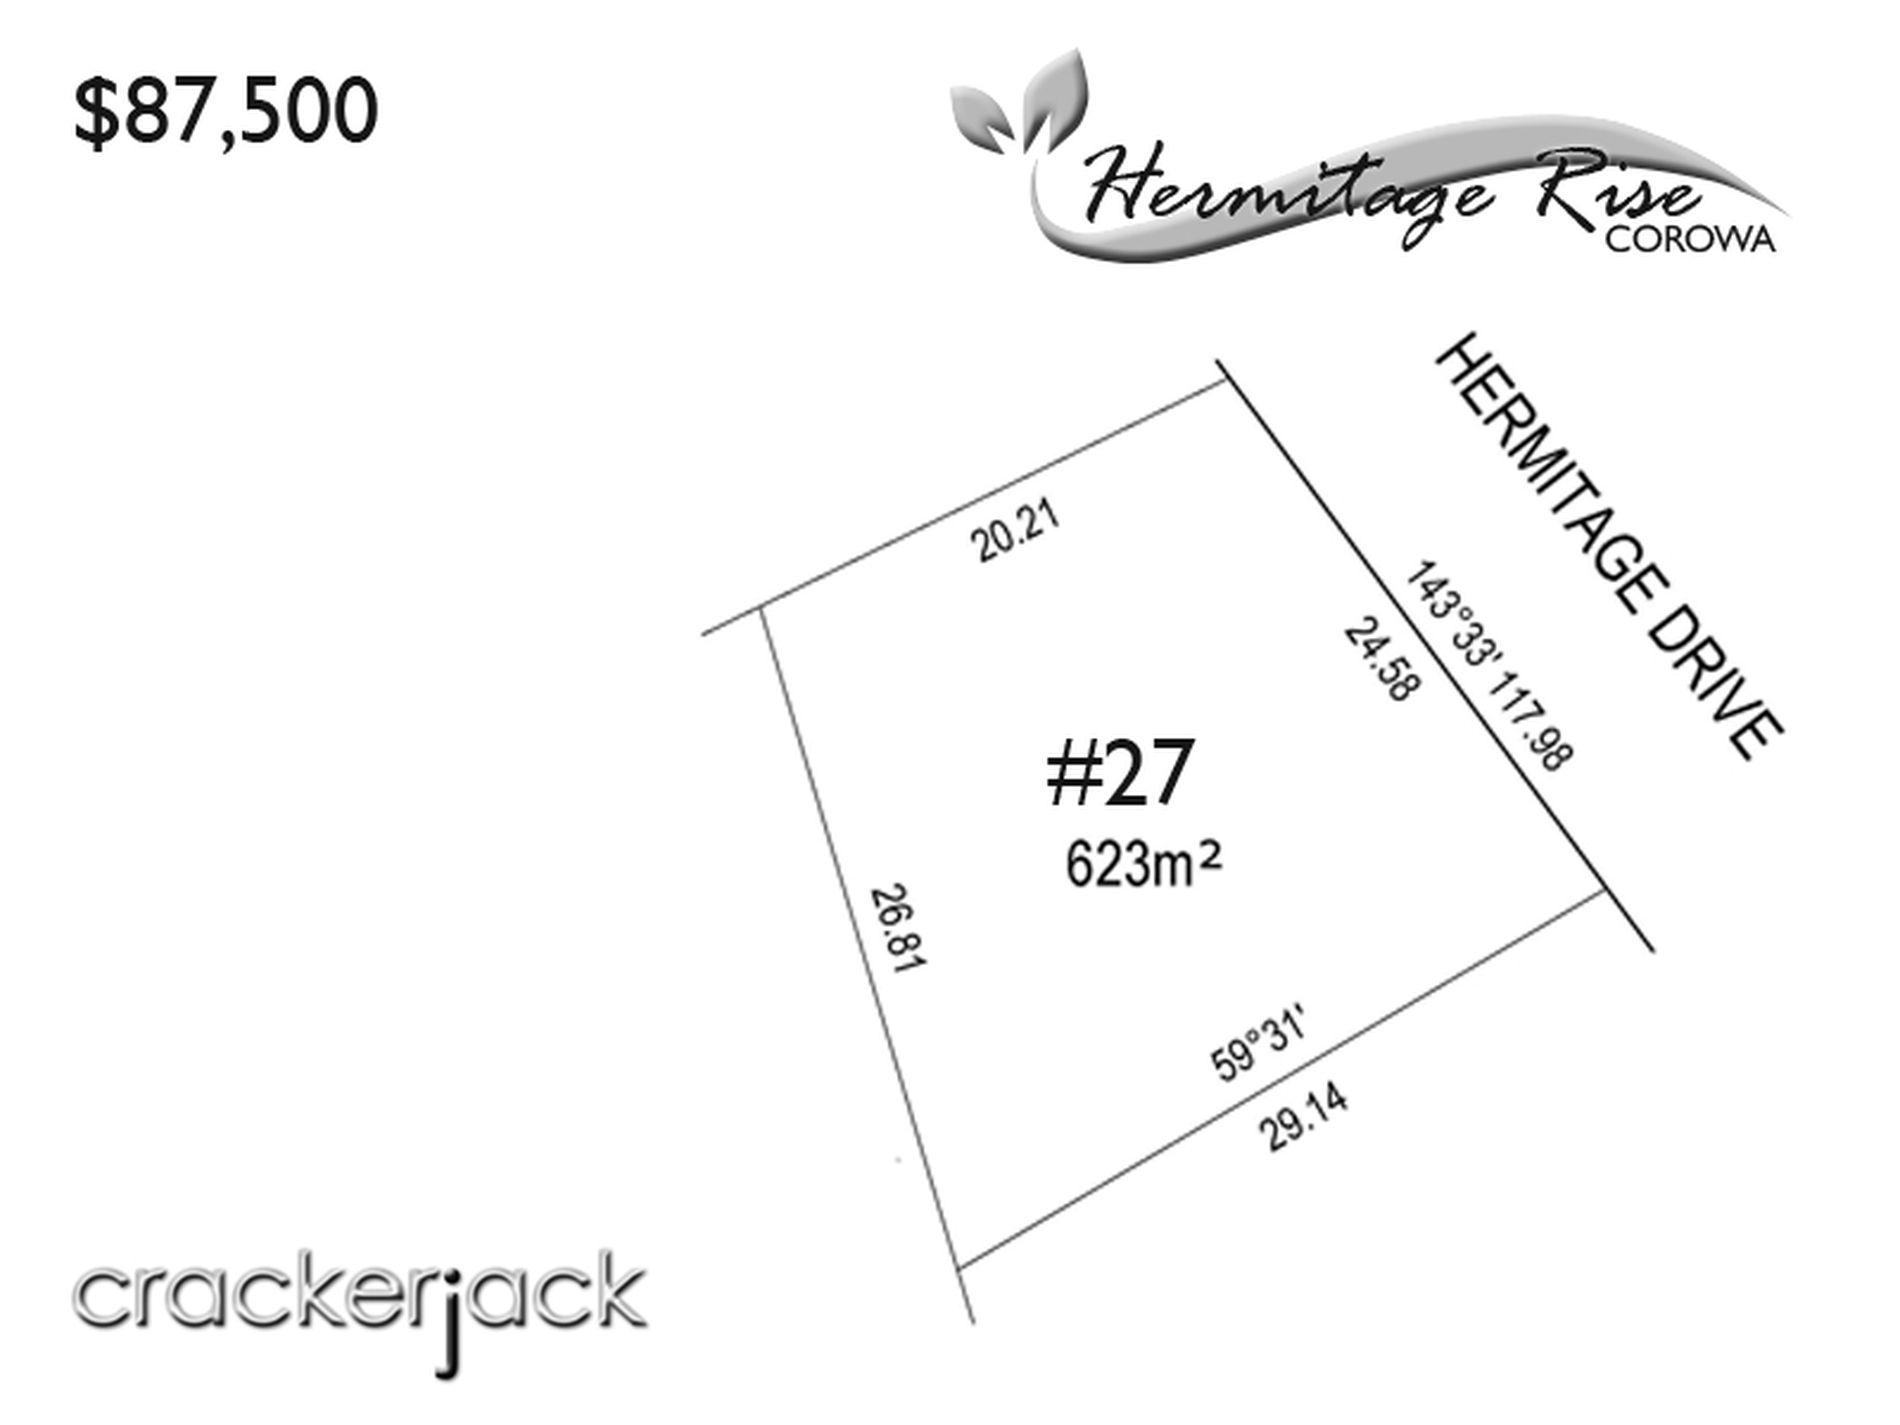 39 Hermitage Drive, Corowa